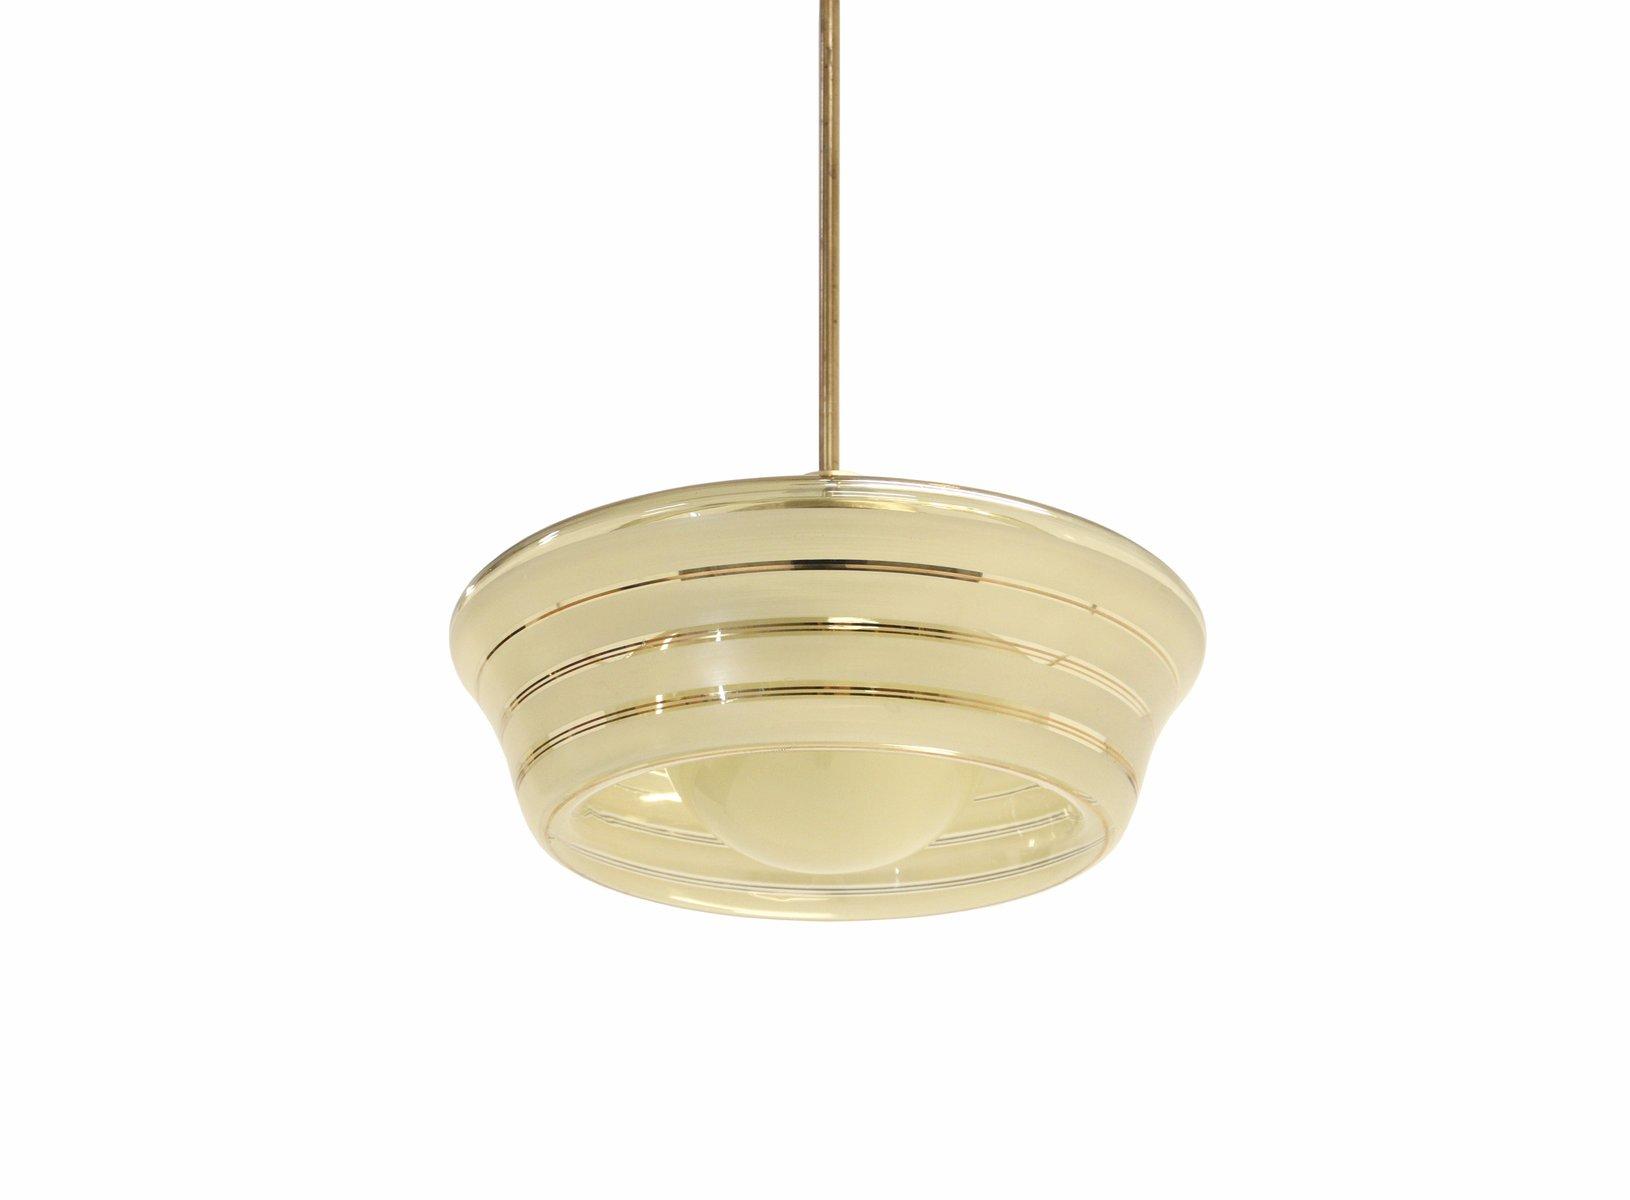 skandinavische funktionalistische deckenlampe 1950er bei pamono kaufen. Black Bedroom Furniture Sets. Home Design Ideas